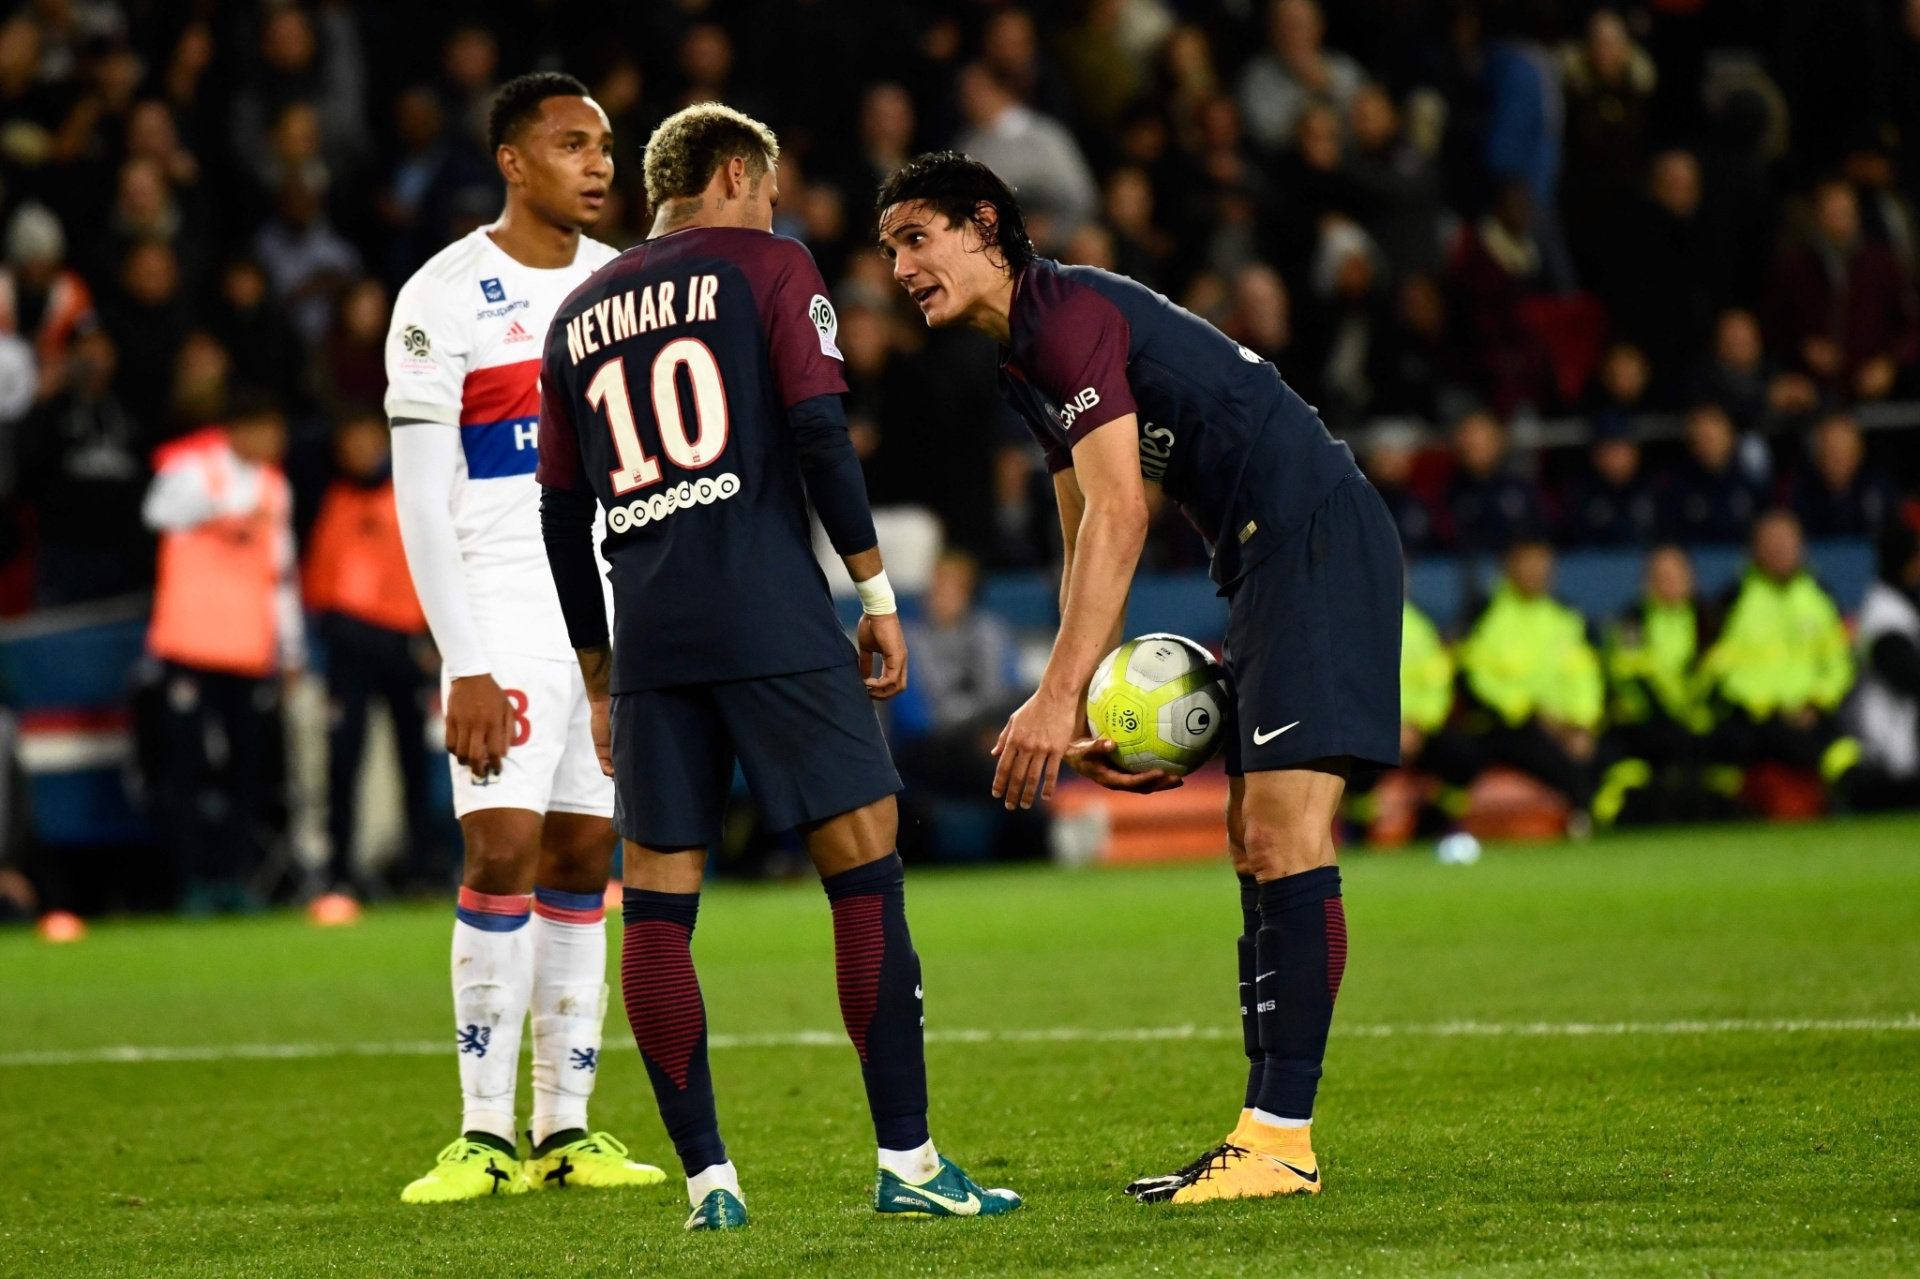 78976e01e9 Relembre problemas de Neymar com técnicos e jogadores - 21 09 2017 - UOL  Esporte